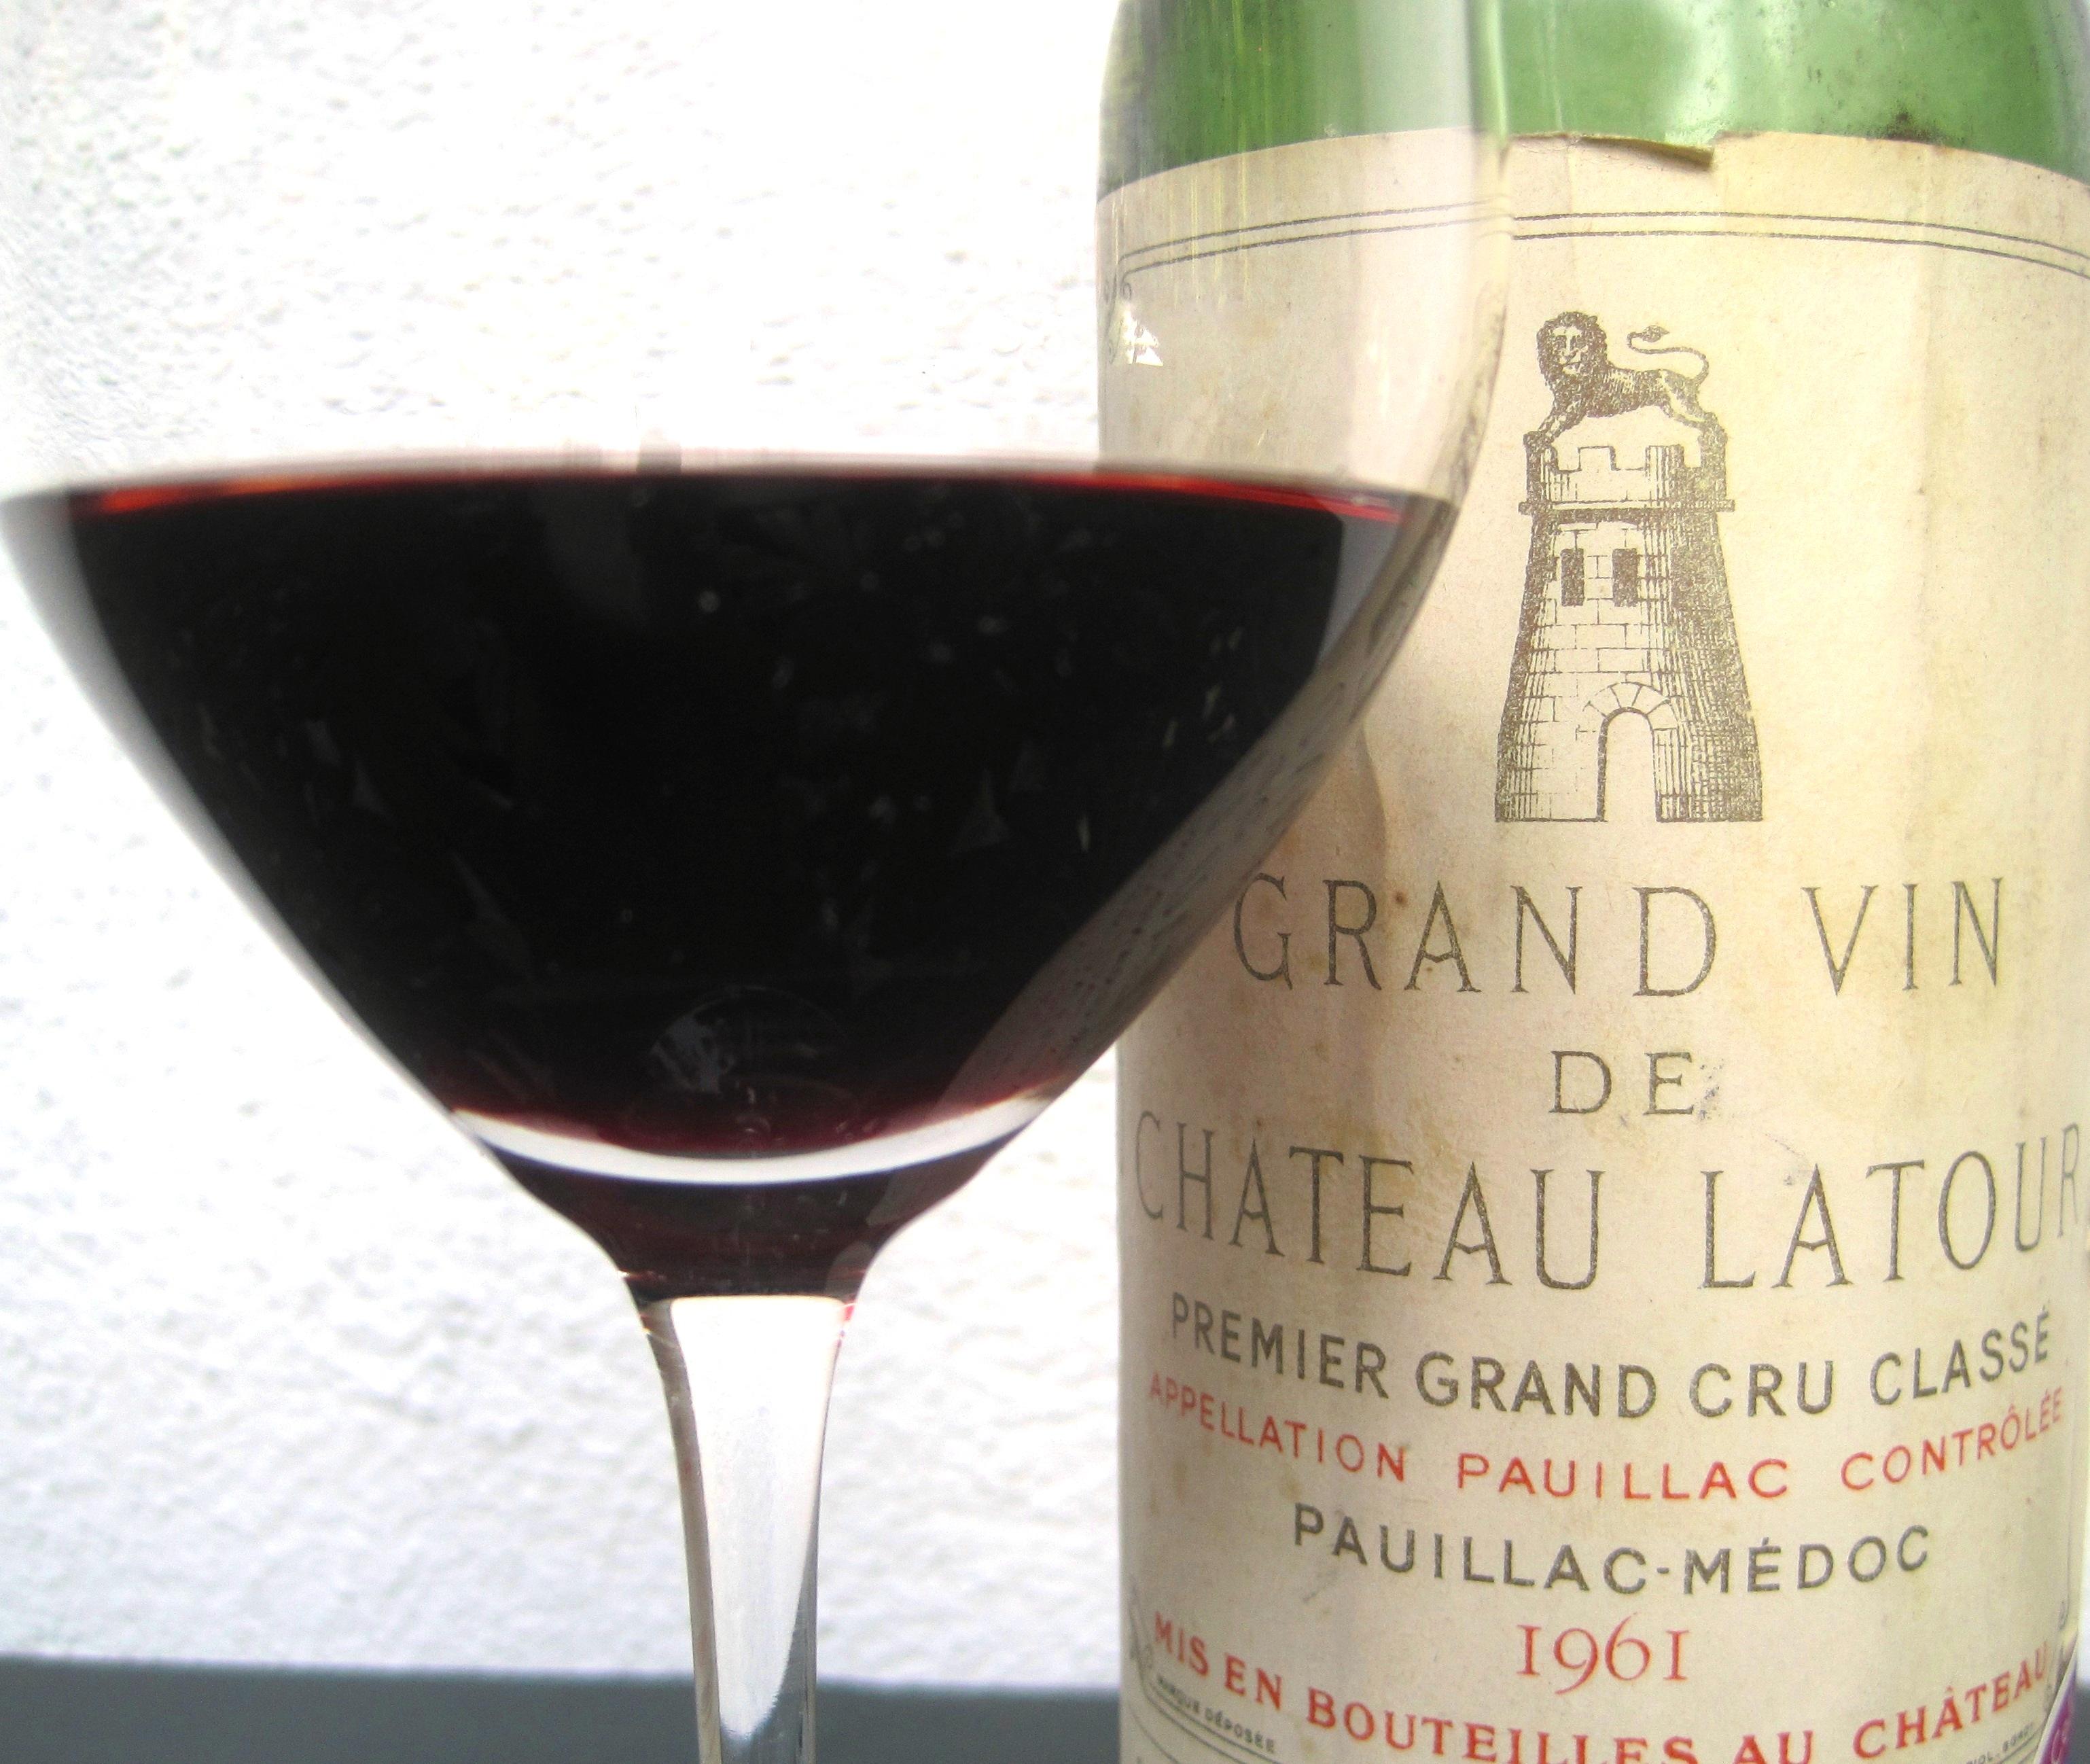 Chateau Latour Pauillac Bordeaux